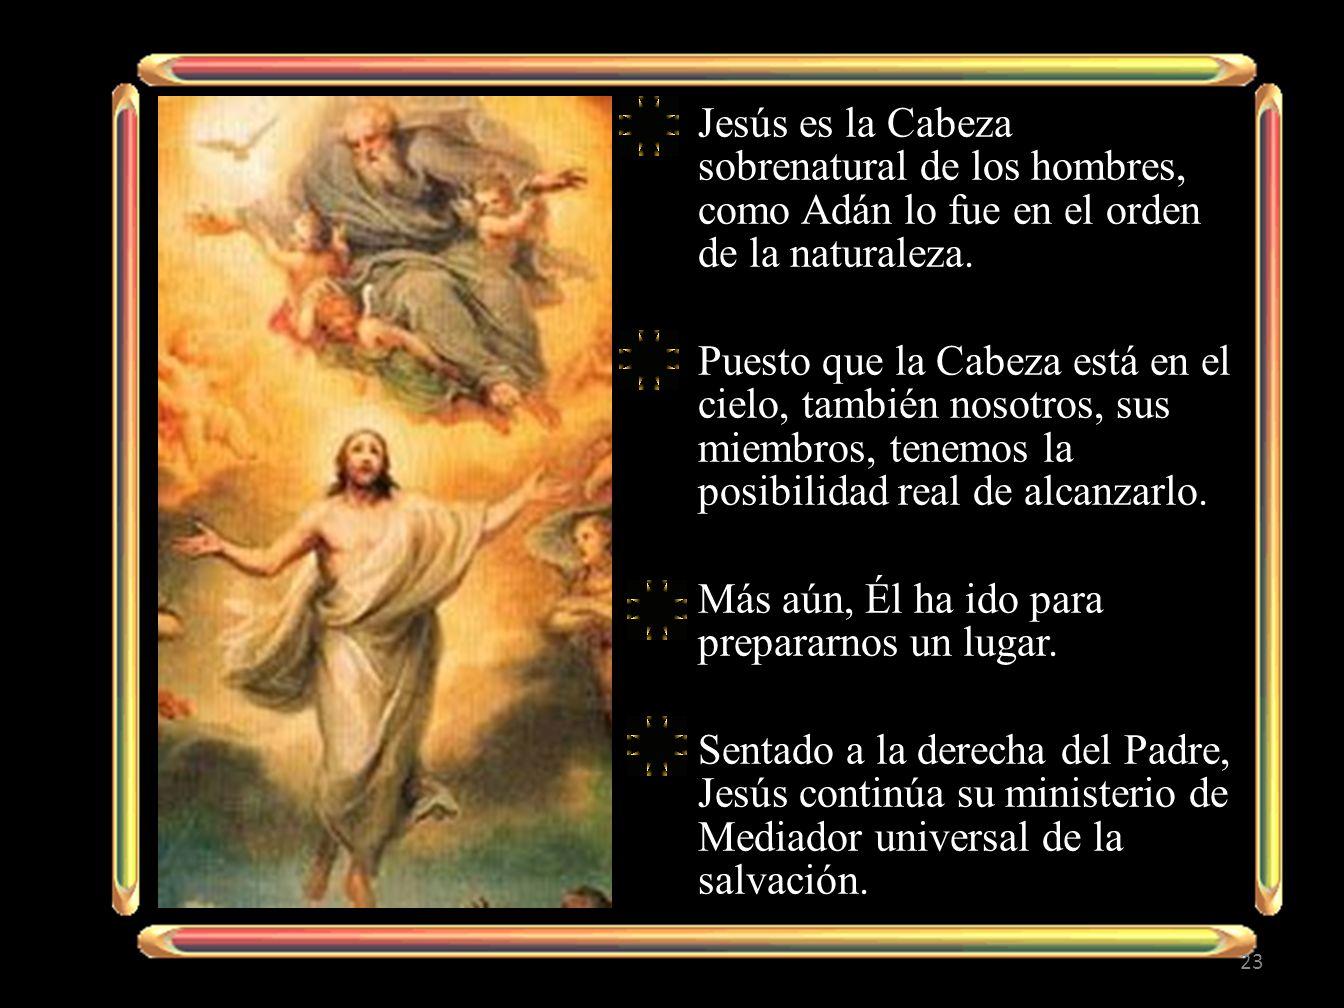 Jesús es la Cabeza sobrenatural de los hombres, como Adán lo fue en el orden de la naturaleza. Puesto que la Cabeza está en el cielo, también nosotros